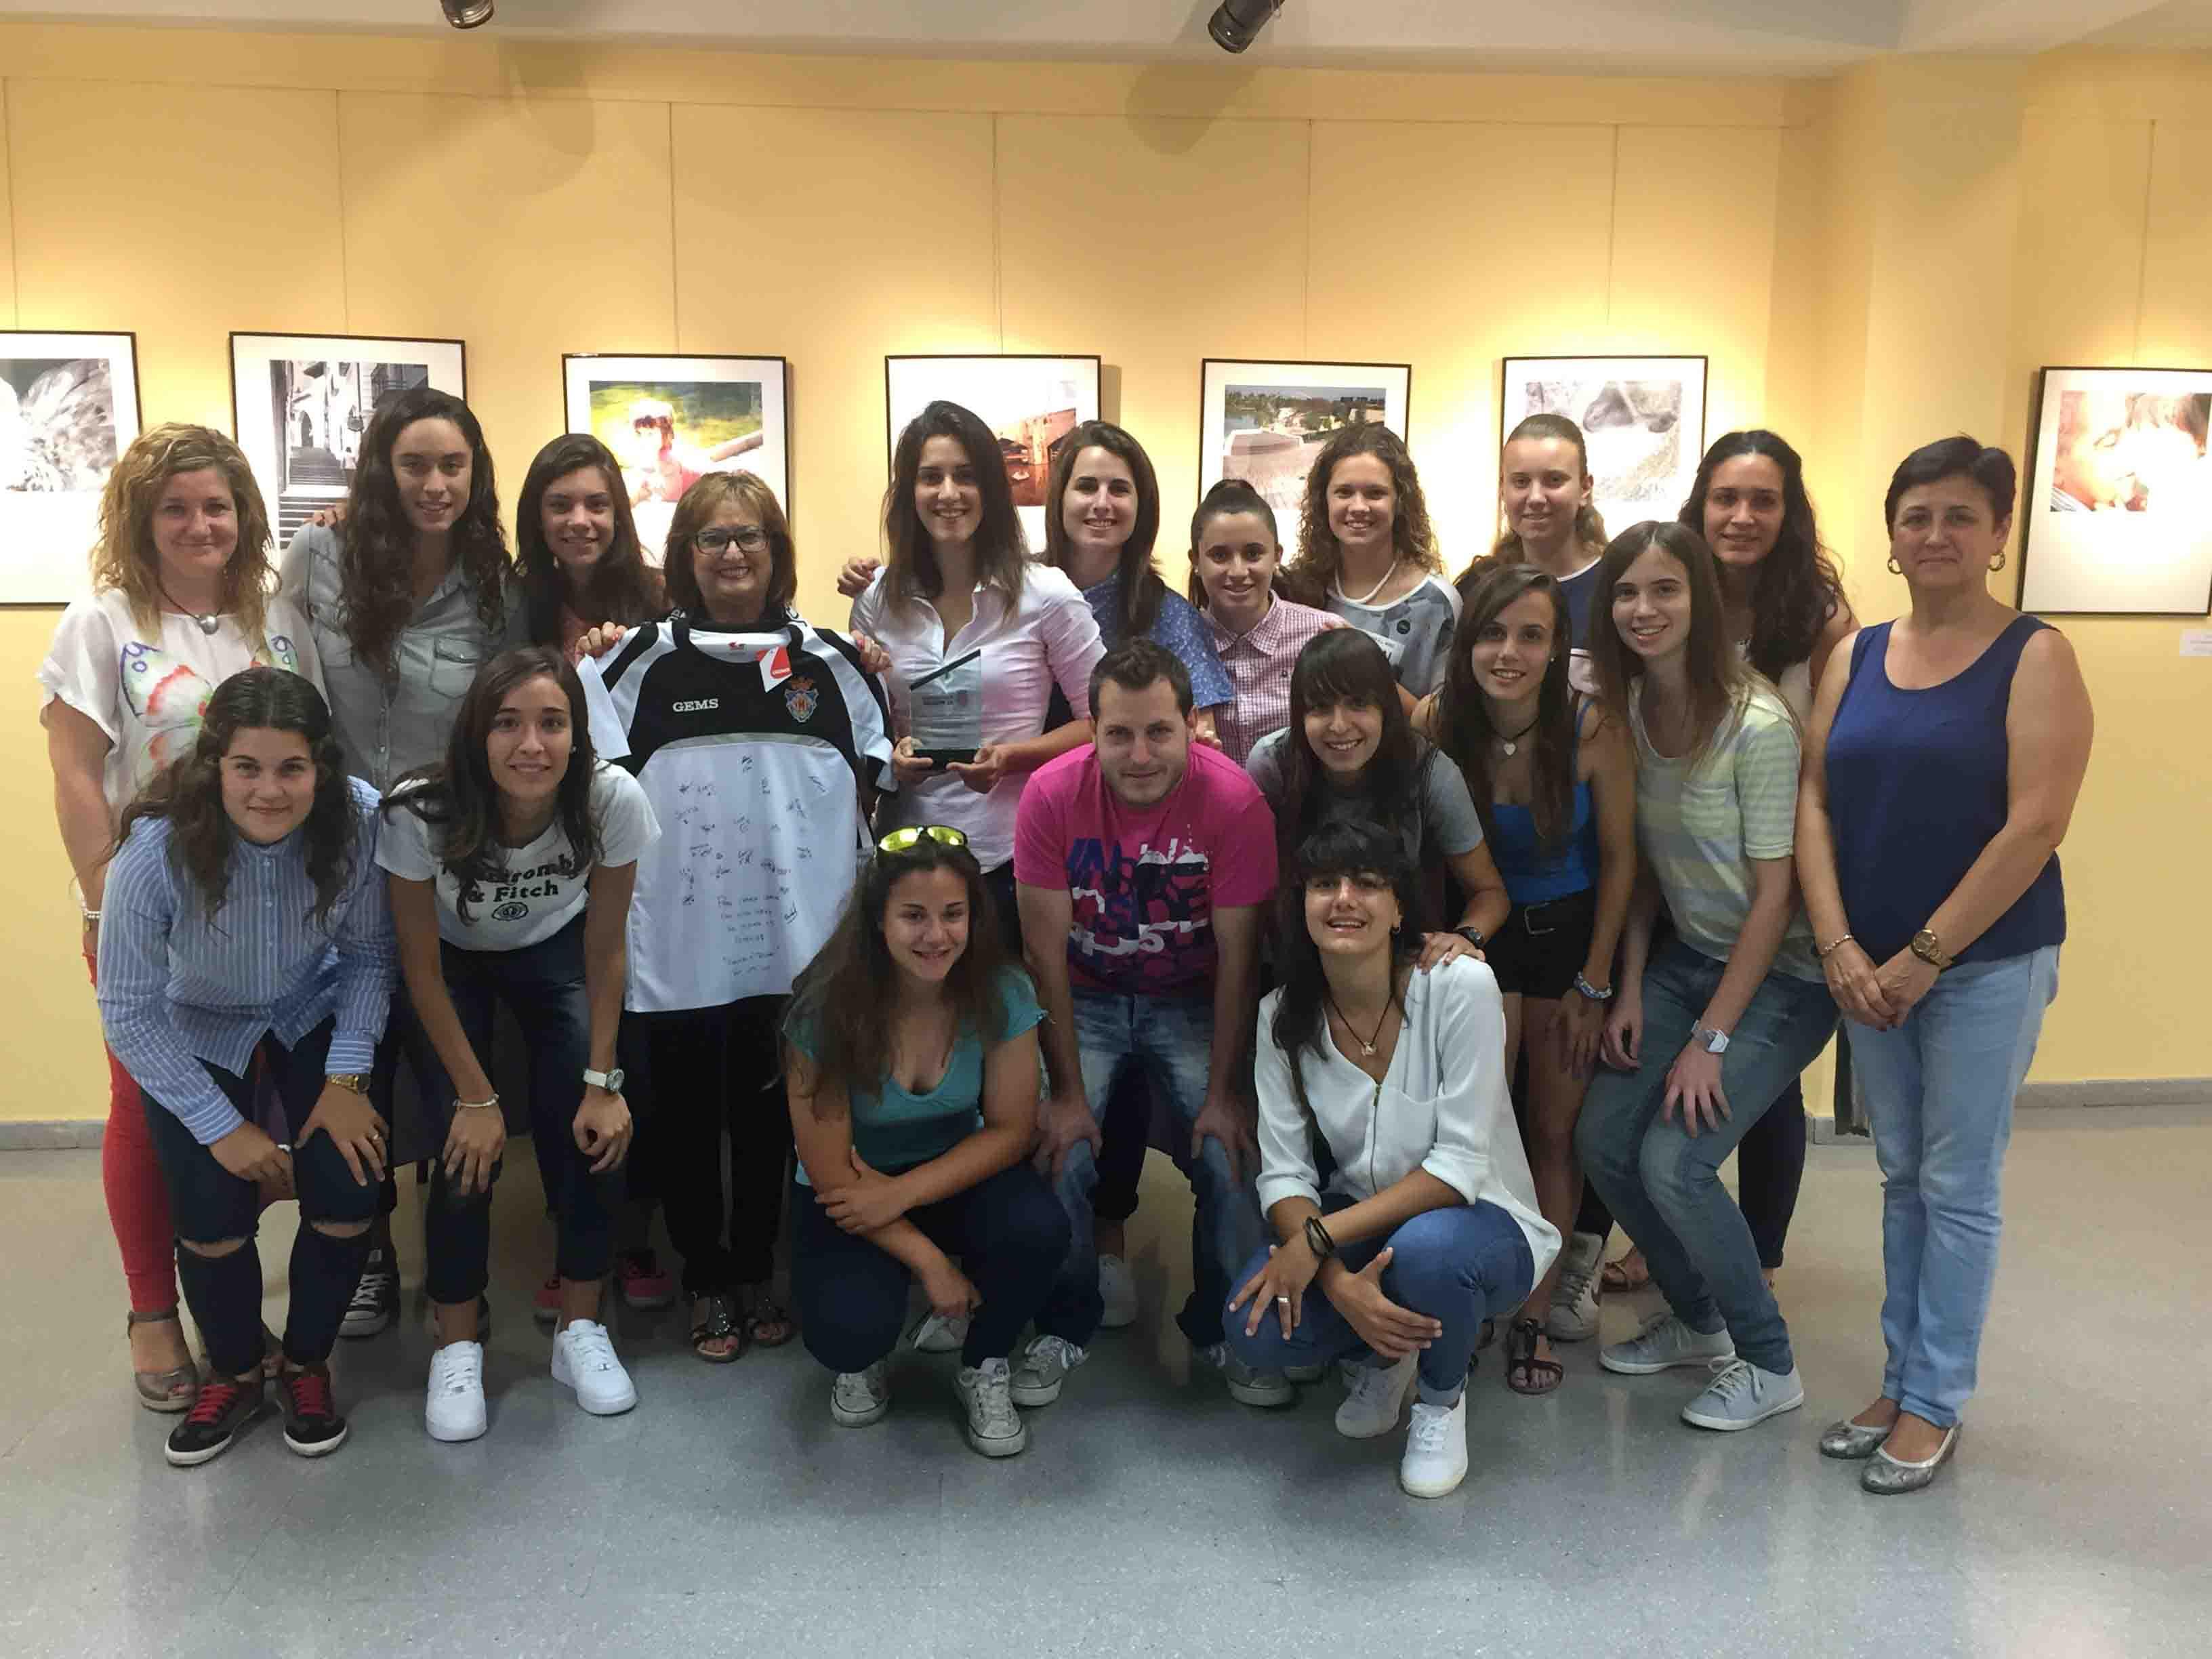 Las chicas del Mislata CF reciben un homenaje por su ascenso a Segunda División